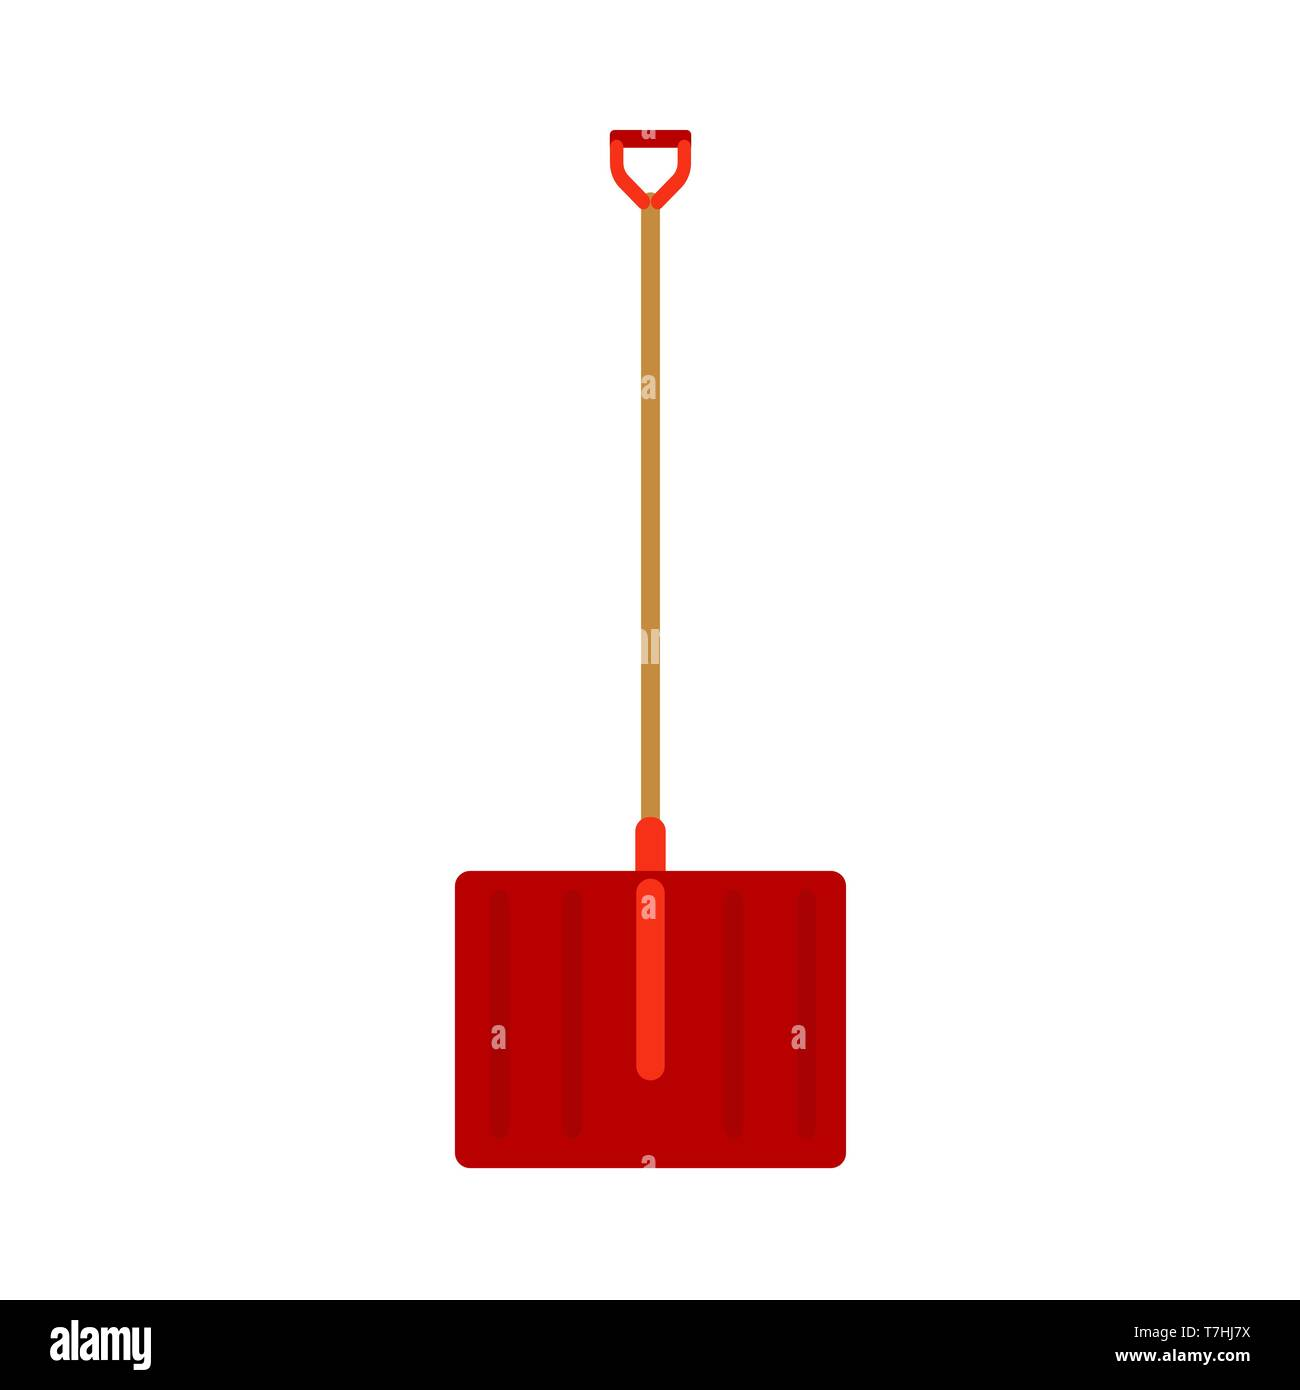 Pelle à neige neige outdoor rouge nettoyer retirer de creuser. Une icône vecteur poignée rue trottoir road. Cosse d'équipement Photo Stock